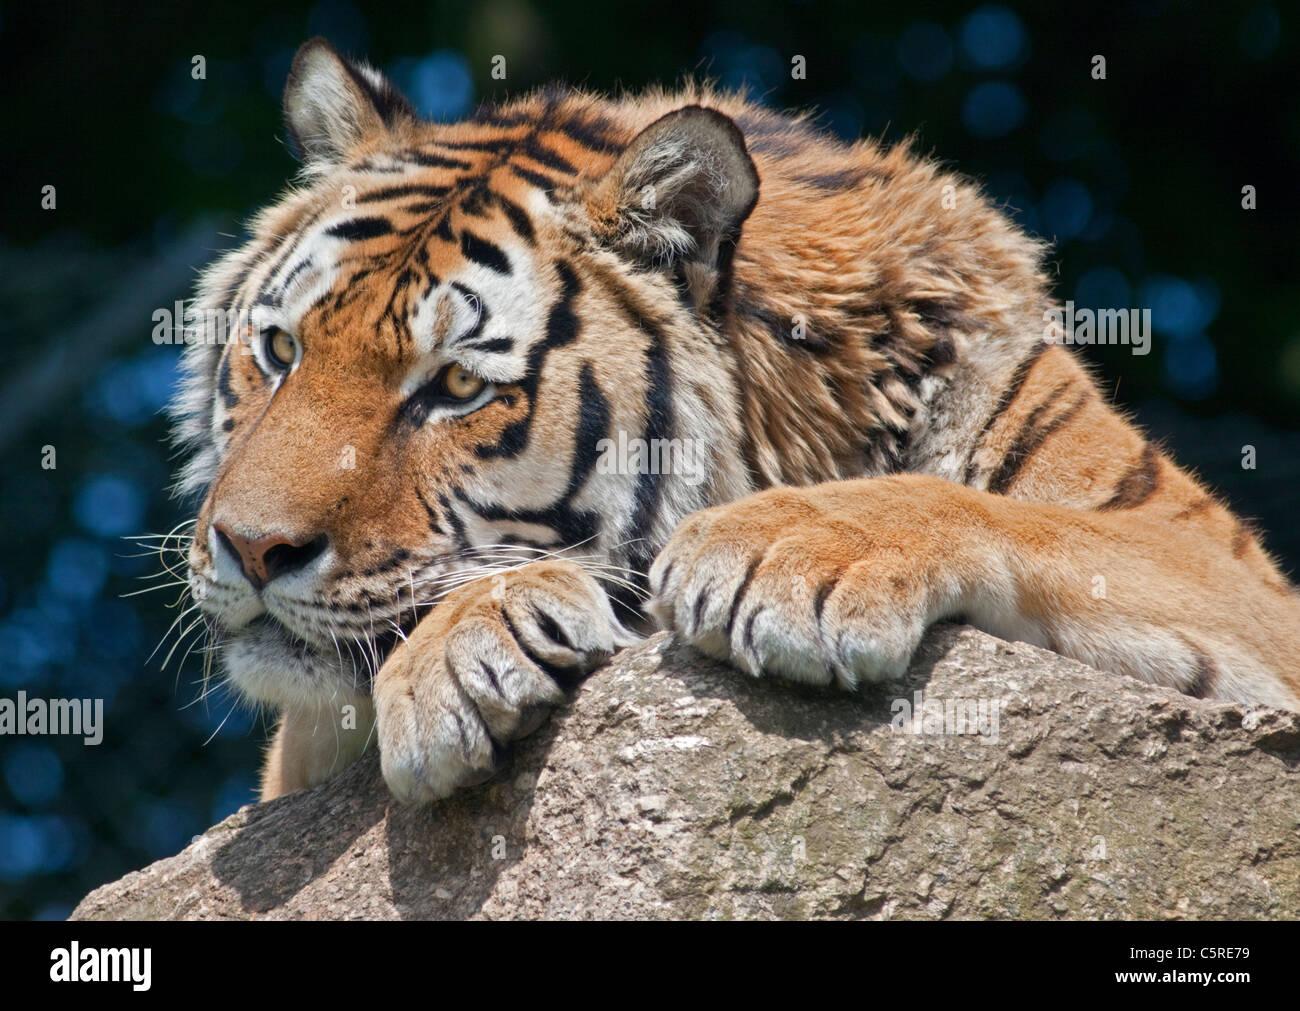 Amur Tiger/Siberian Tiger (panthera tigris altaica) Stock Photo